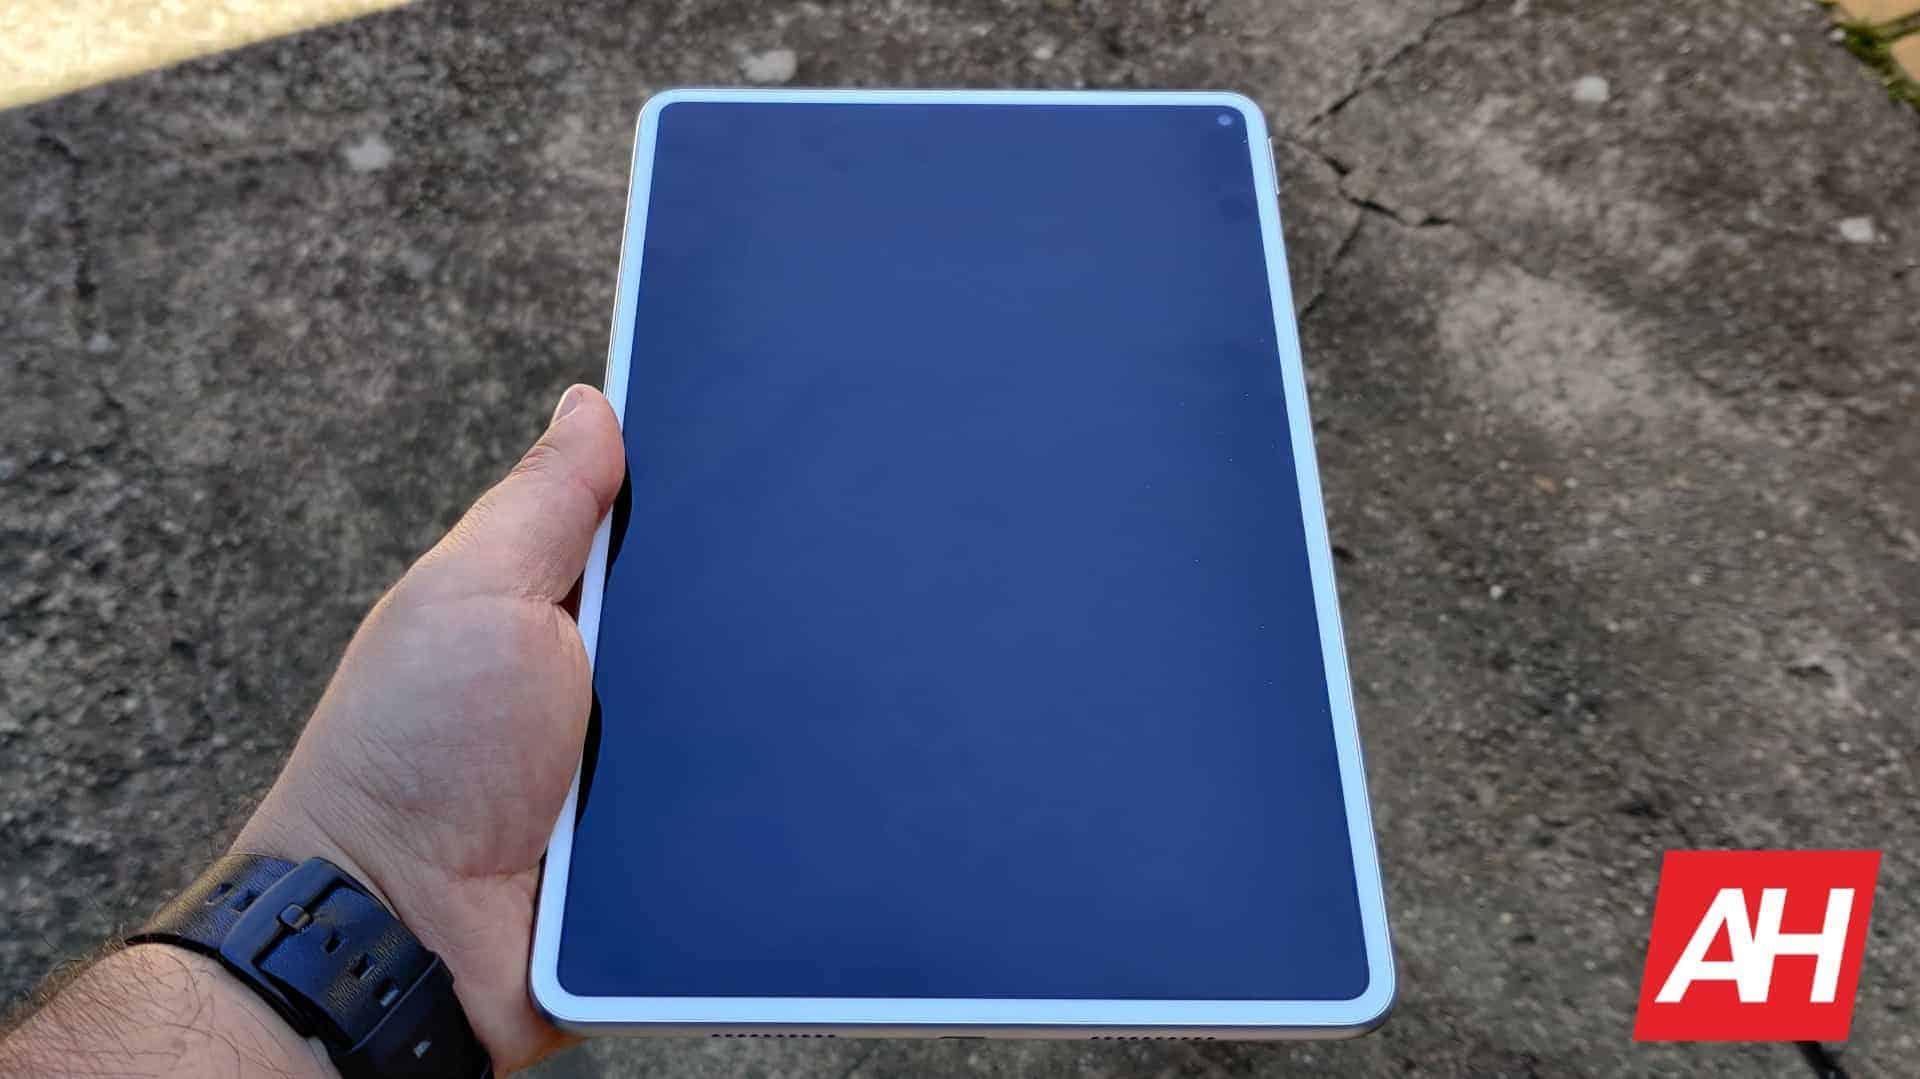 AH Huawei MatePad Pro image 16